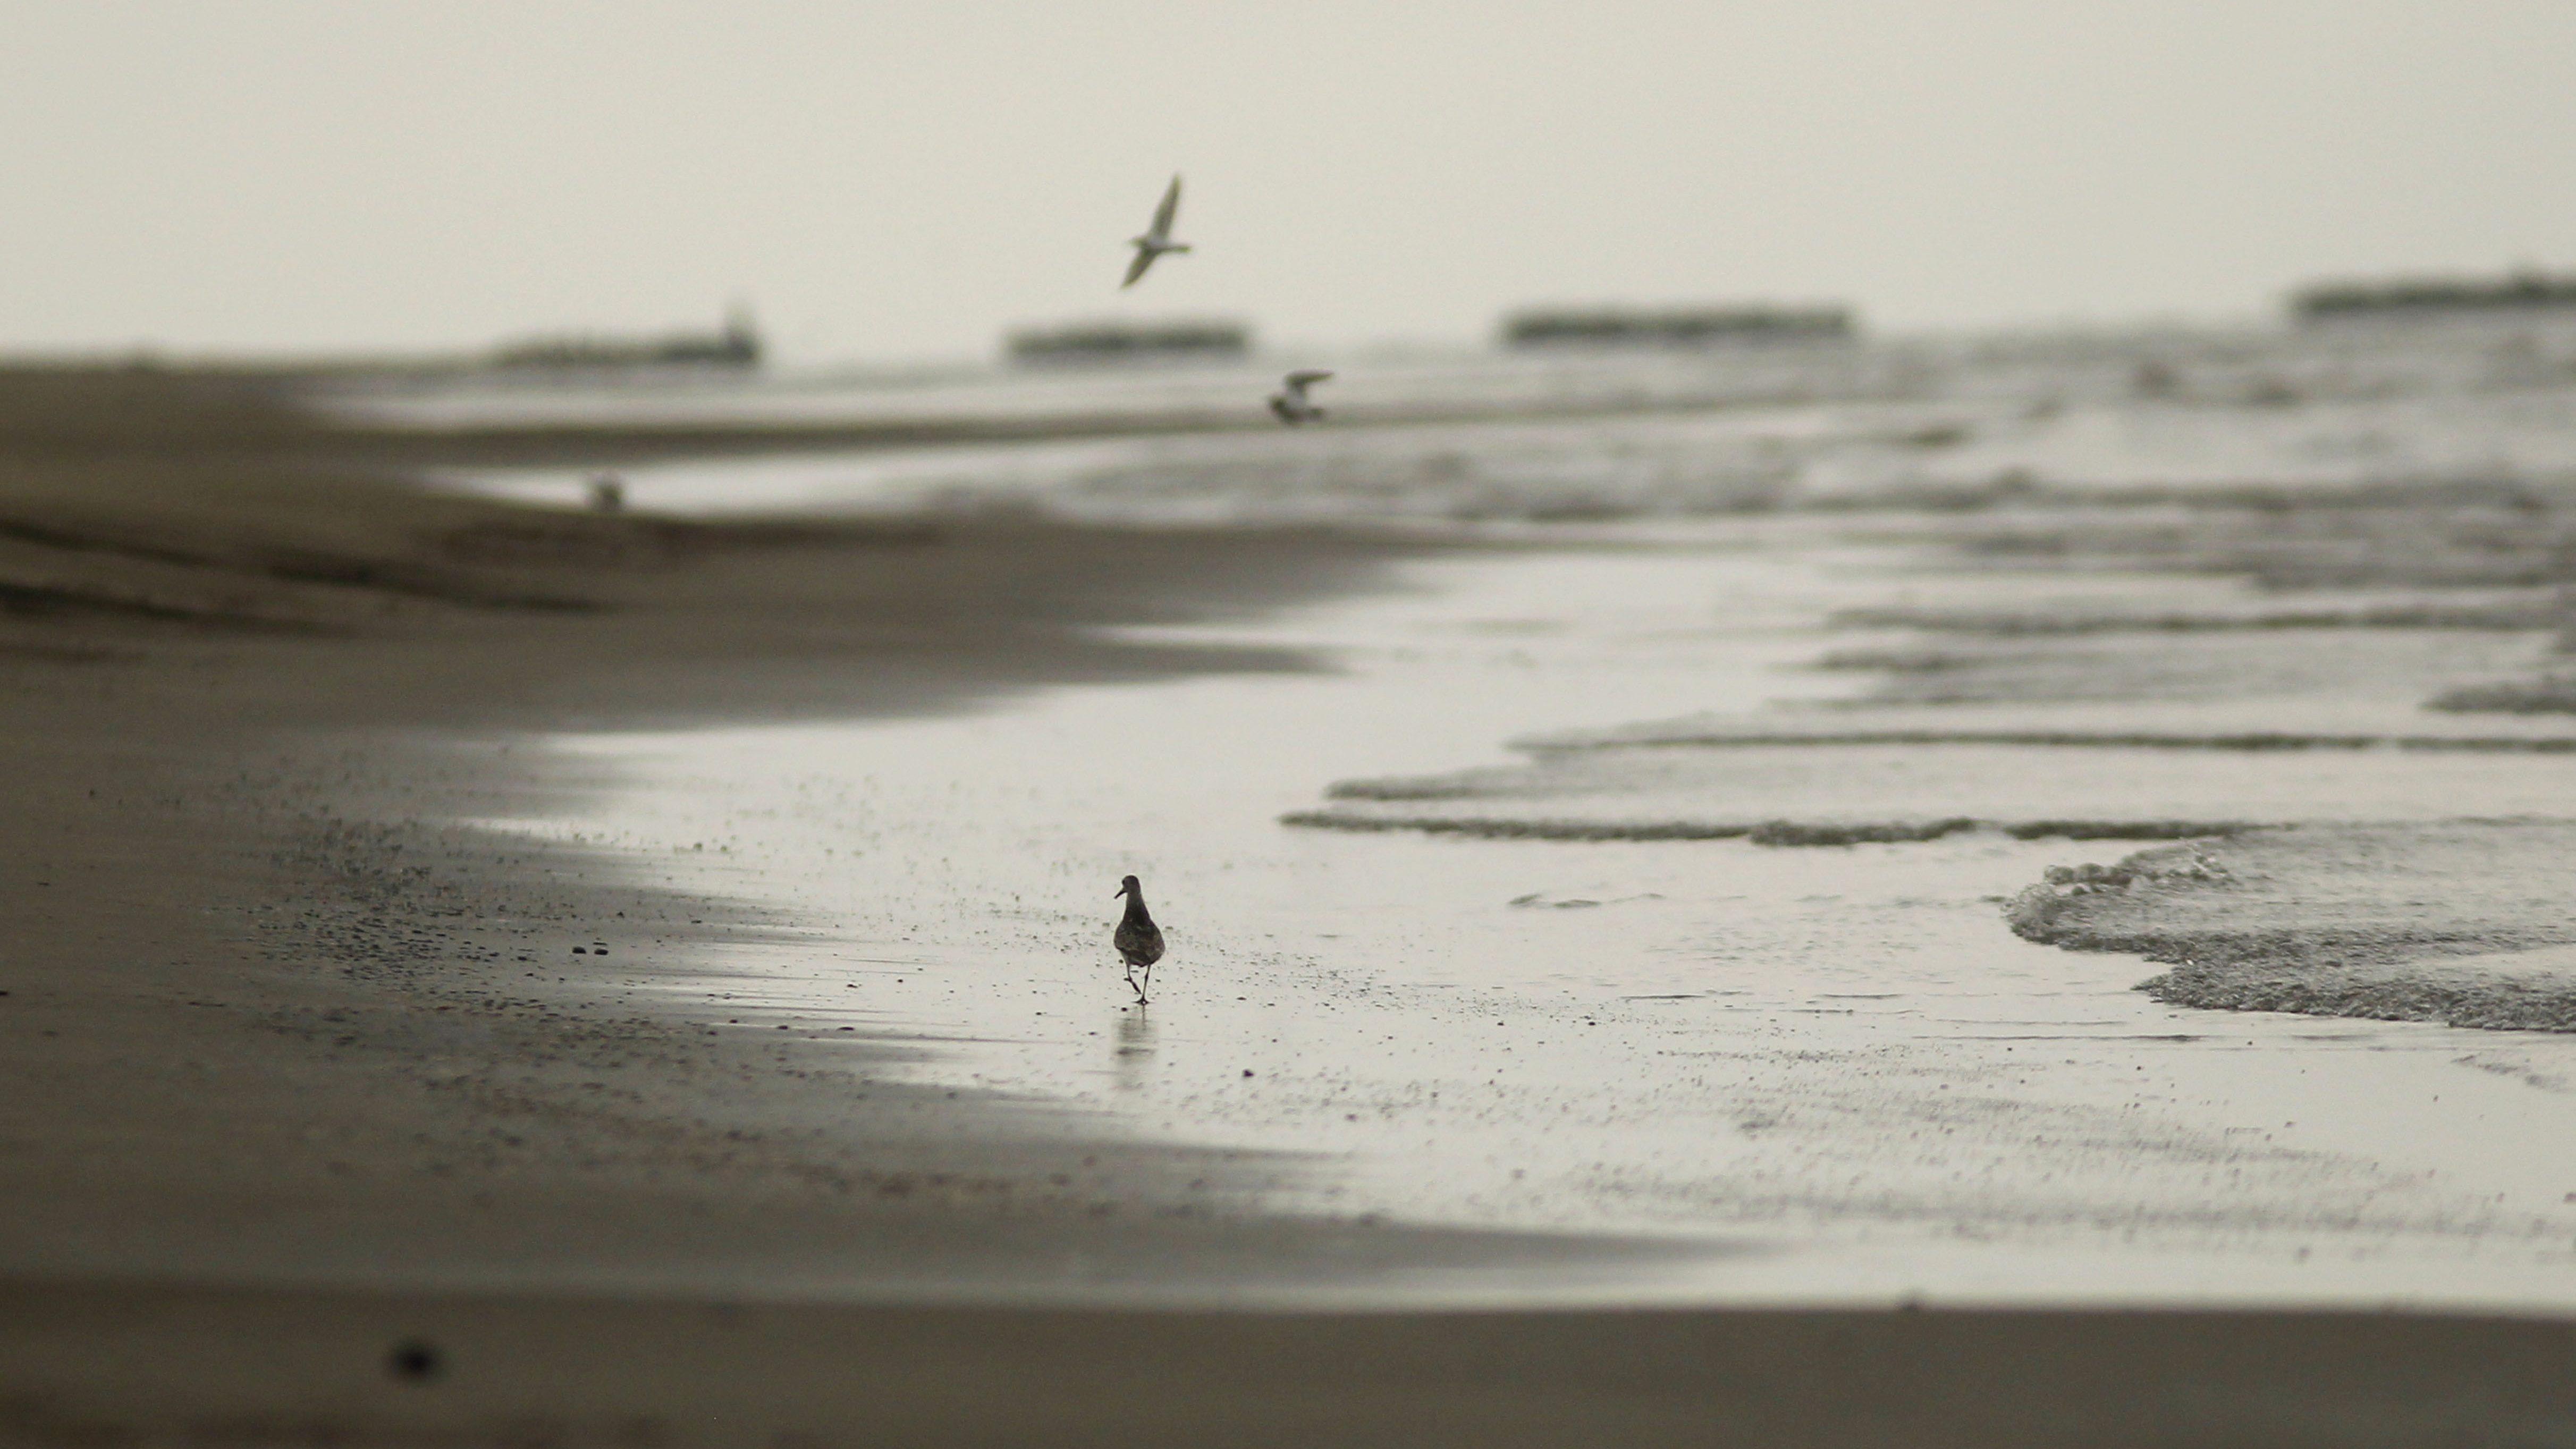 A bird walking along a shoreline